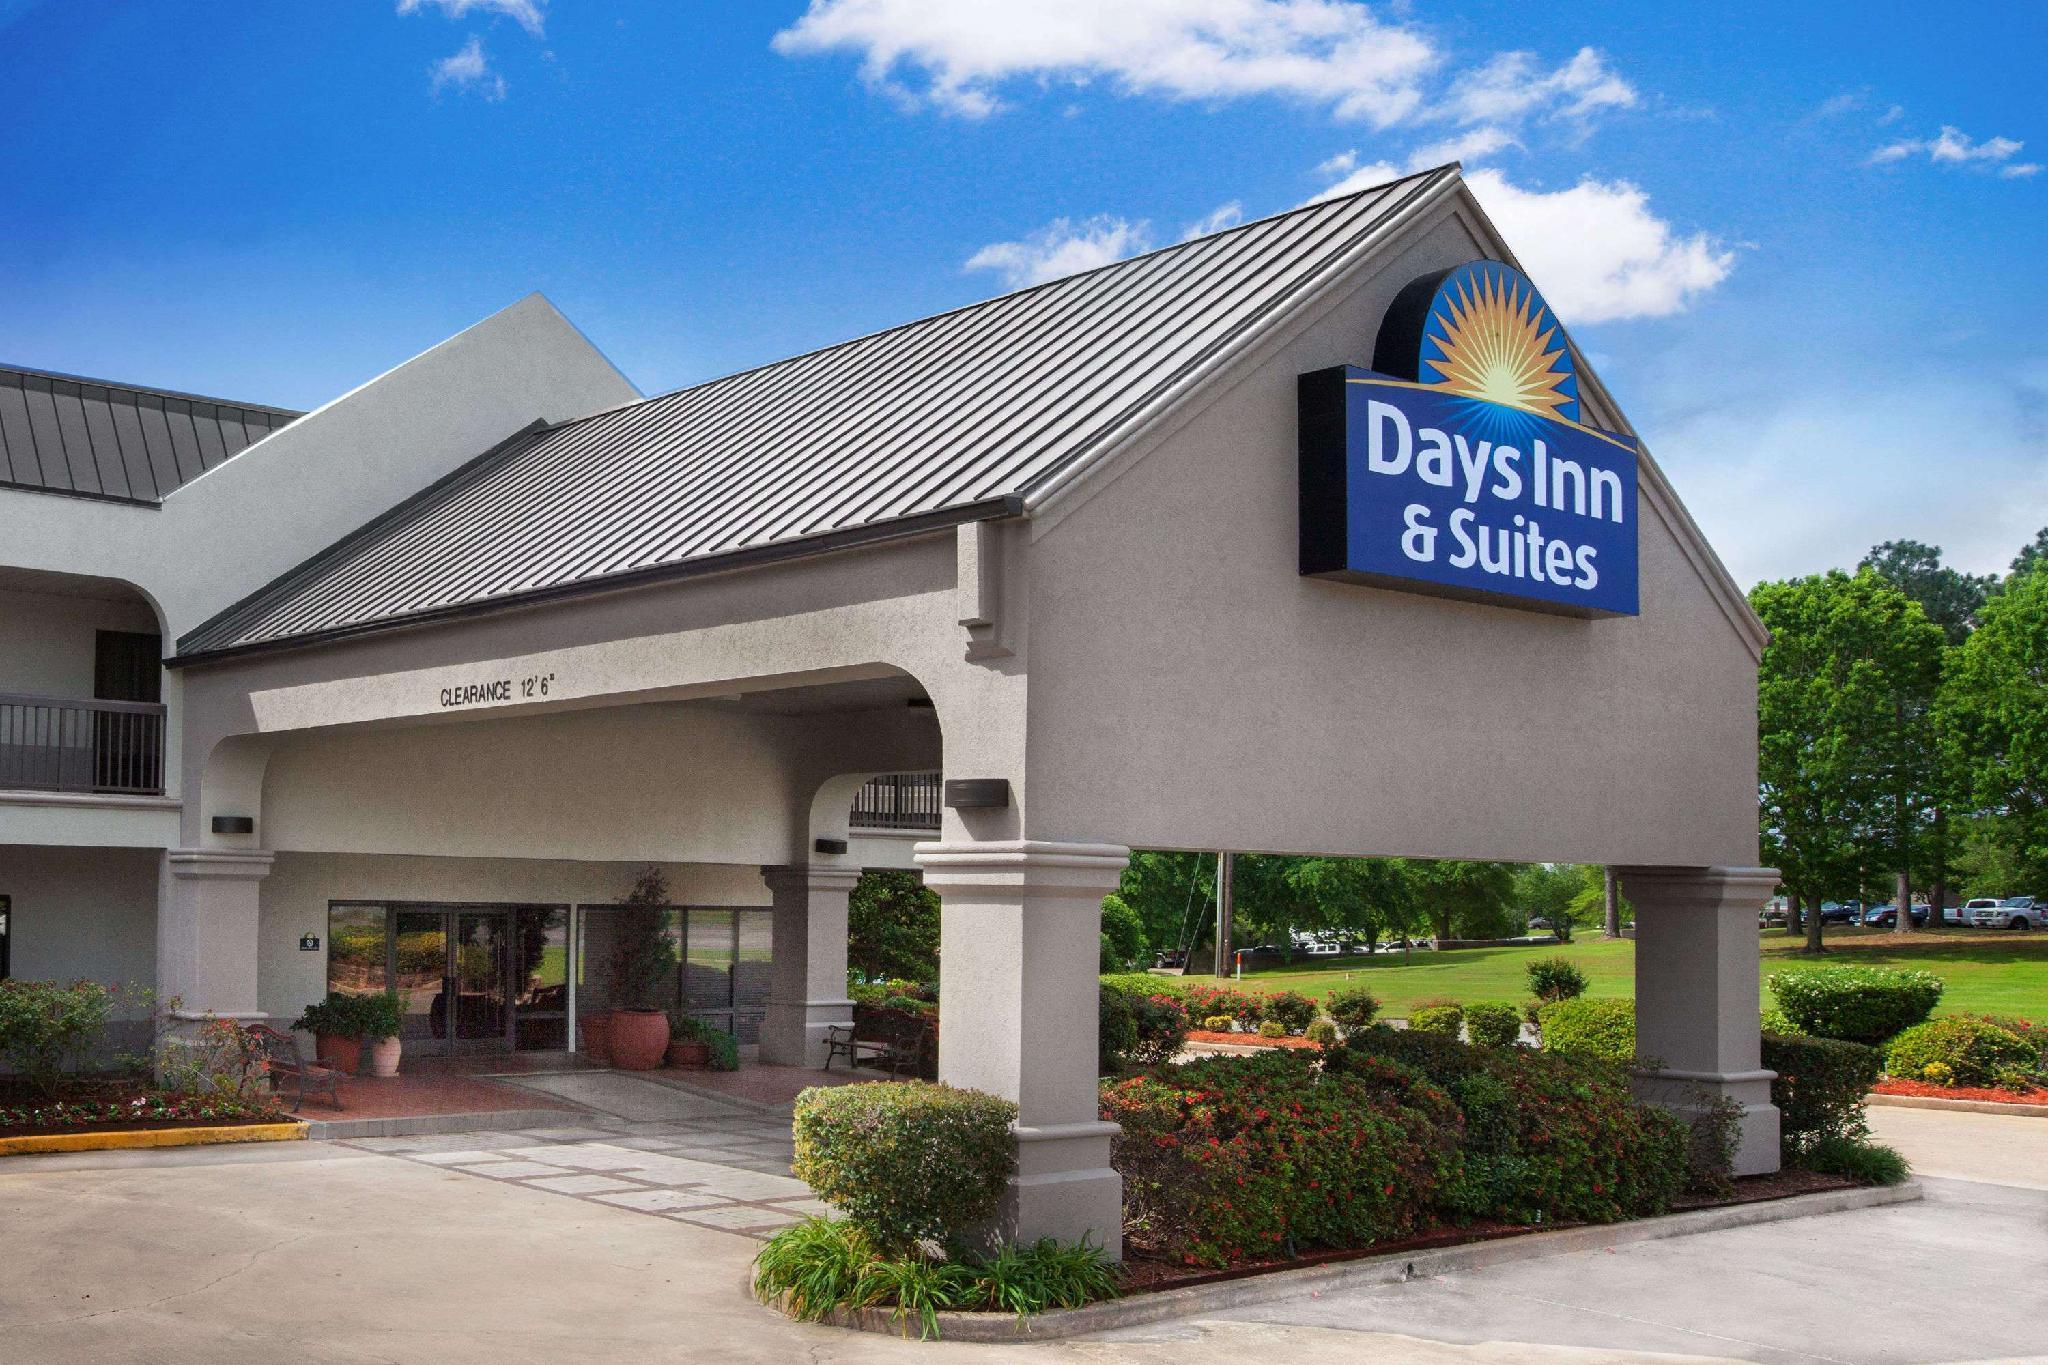 Days Inn & Suites By Wyndham Tyler